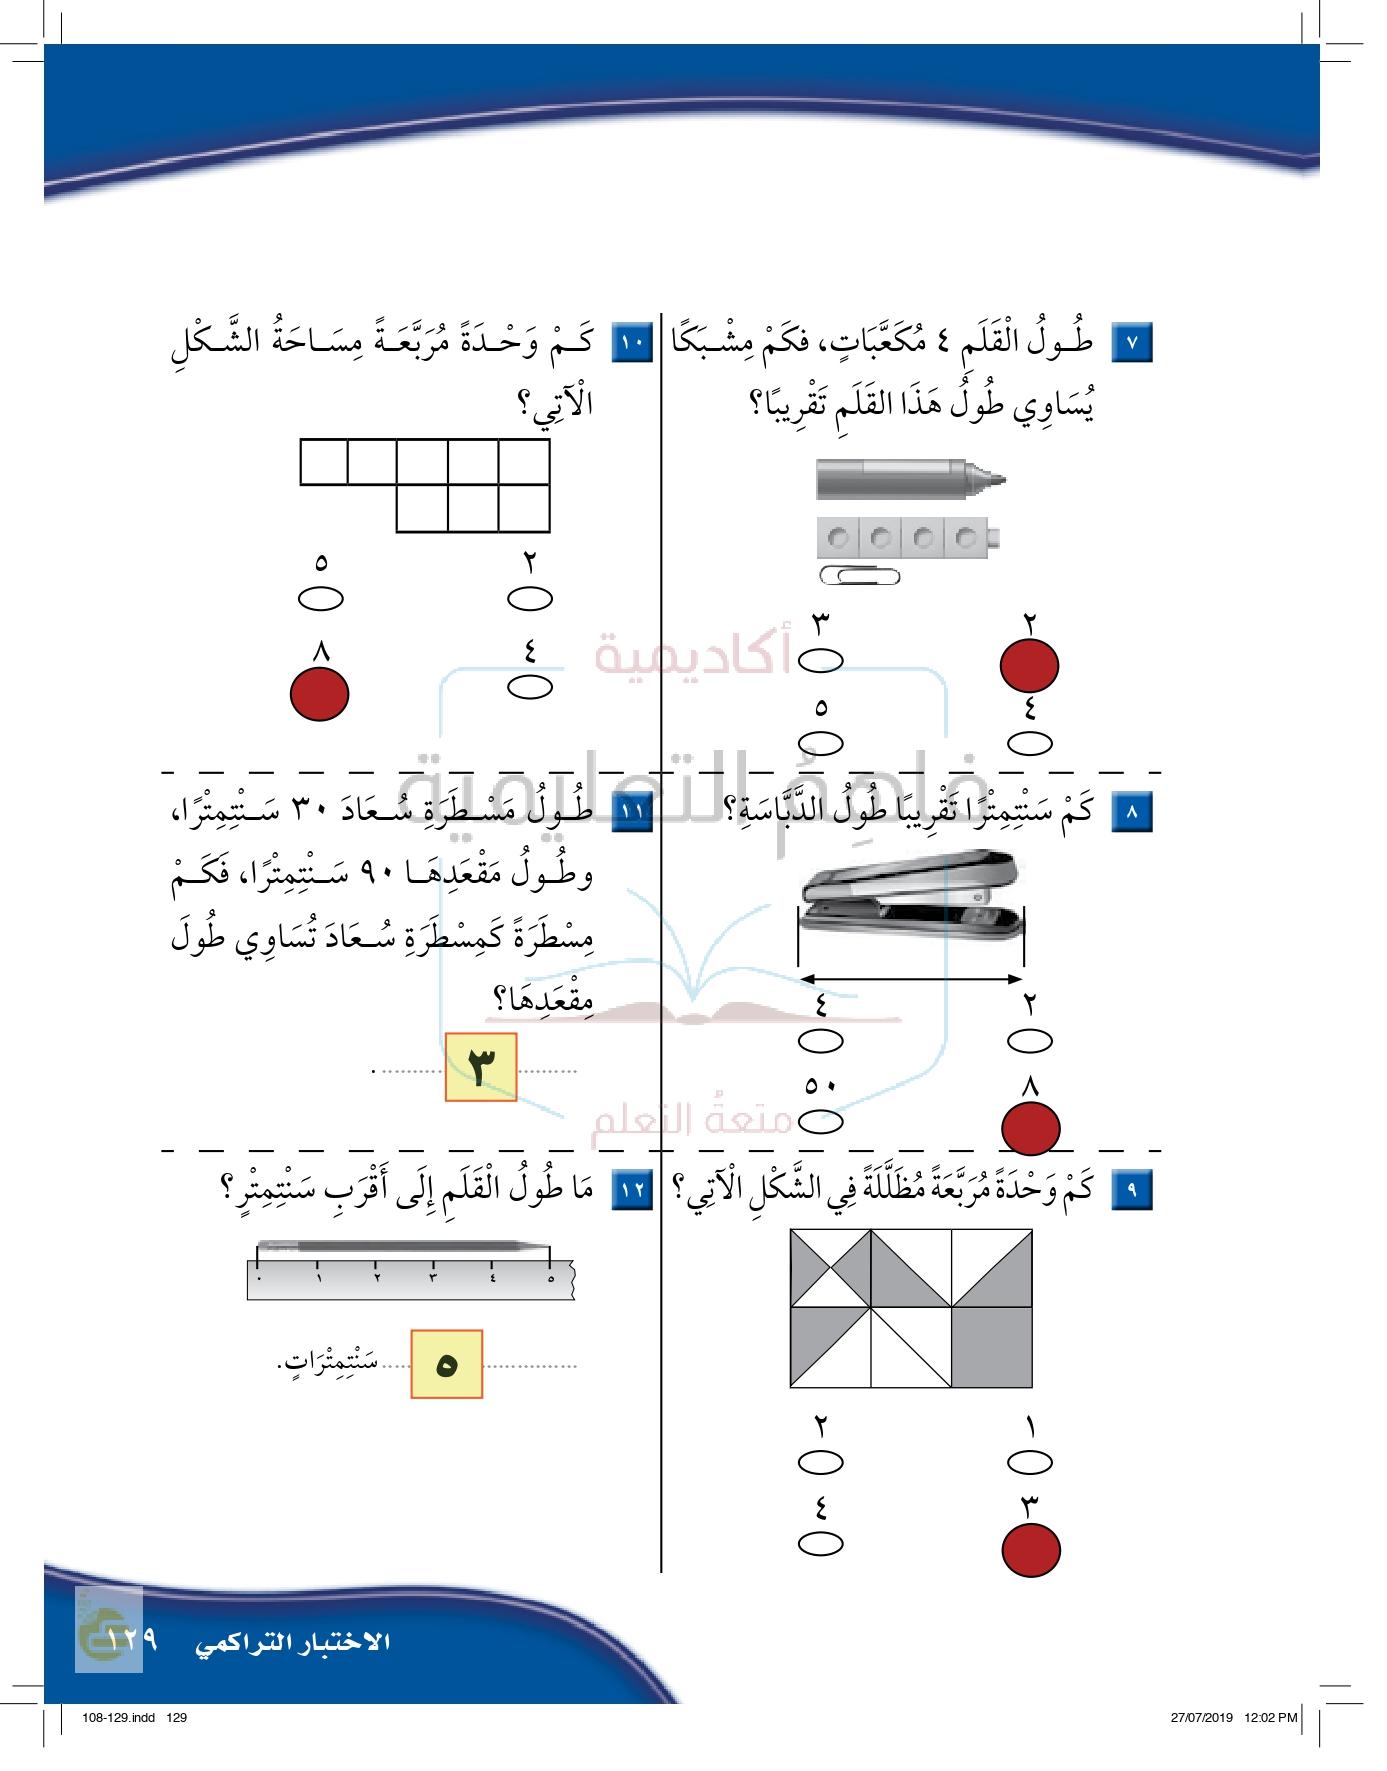 الرياضيات الفصل الاول حل كتاب ثاني ابتدائي